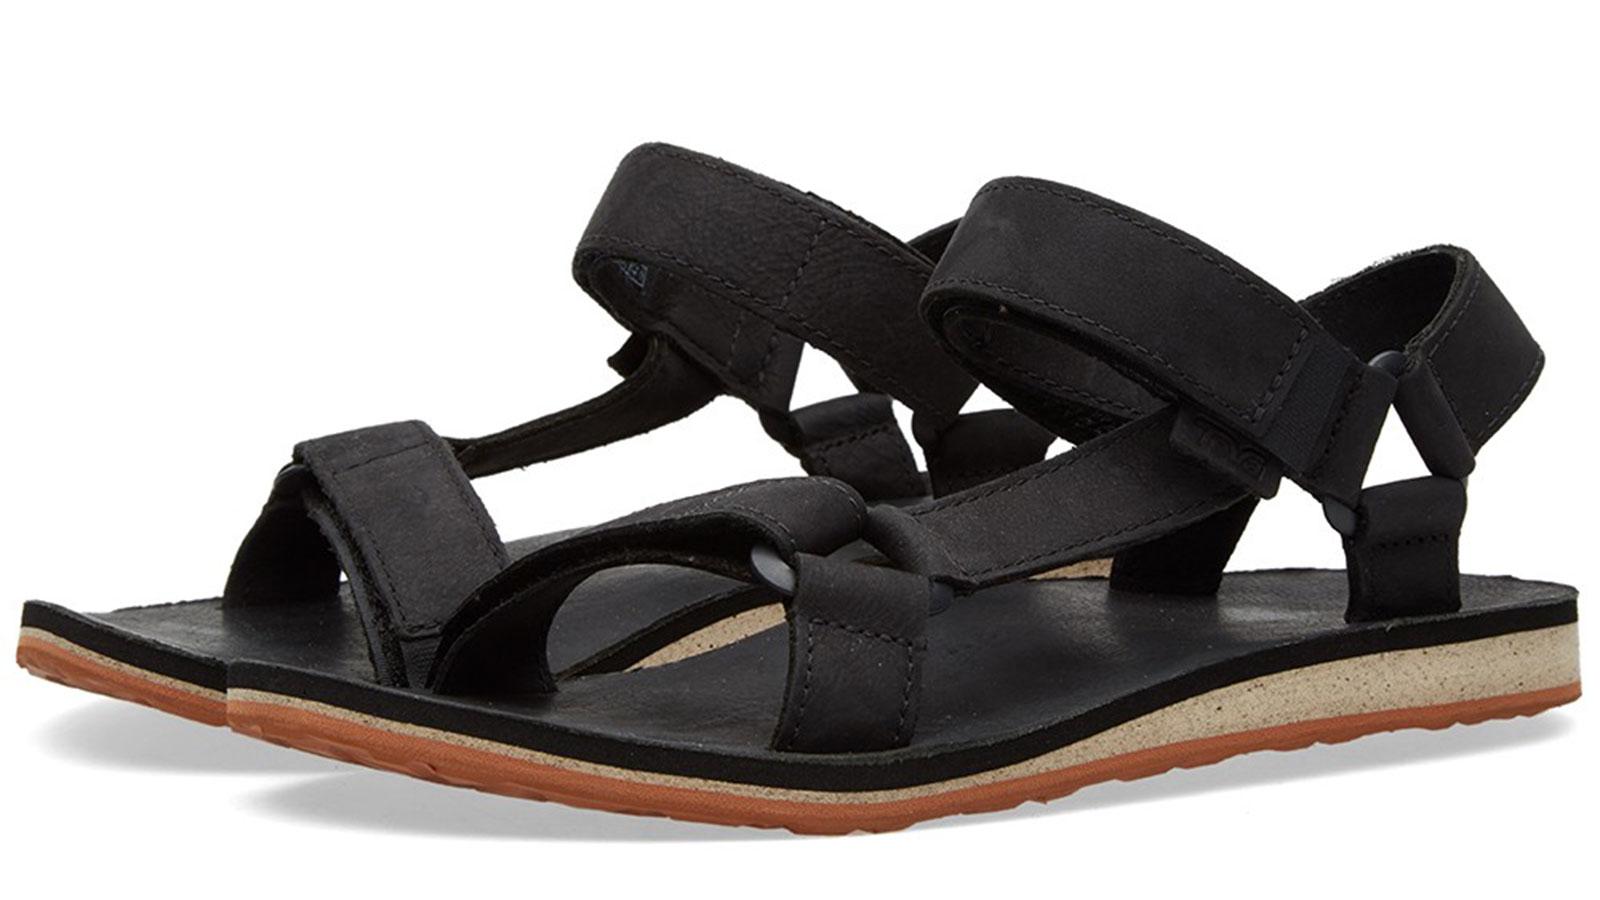 TEVA ORIGINAL UNIVERSAL PREMIUM LEATHER SANDA best sandals for men